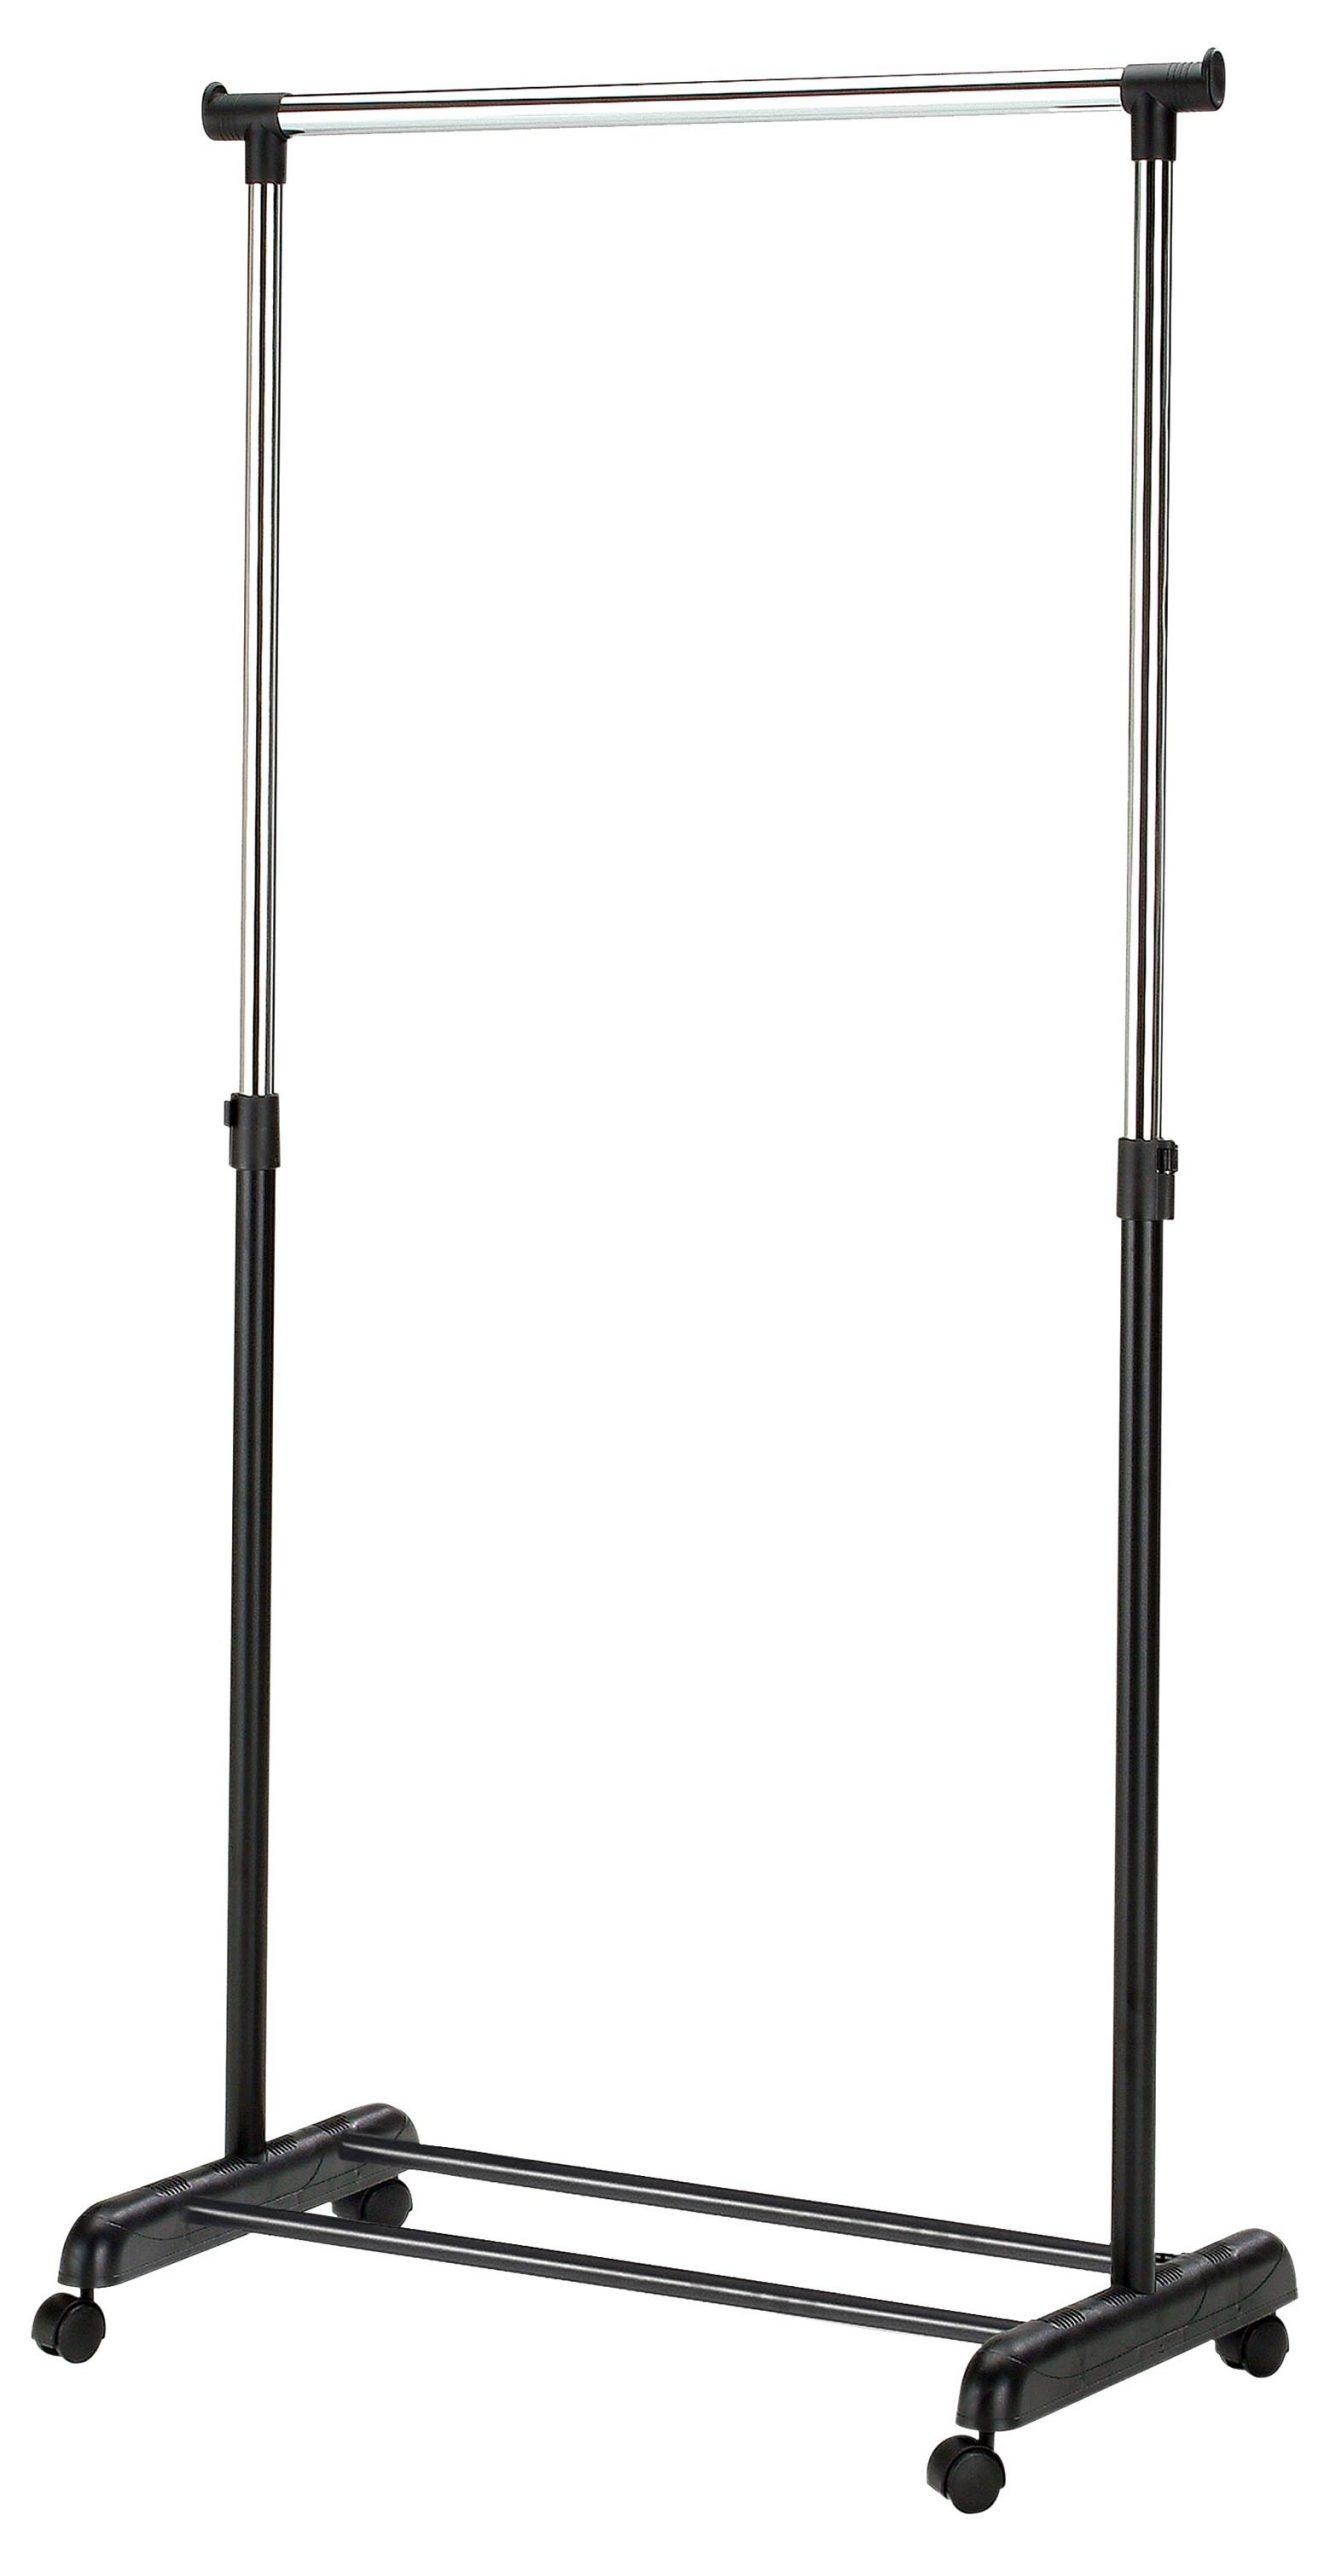 Kledingrek Easy 88 cm breed in zwart | Home Style